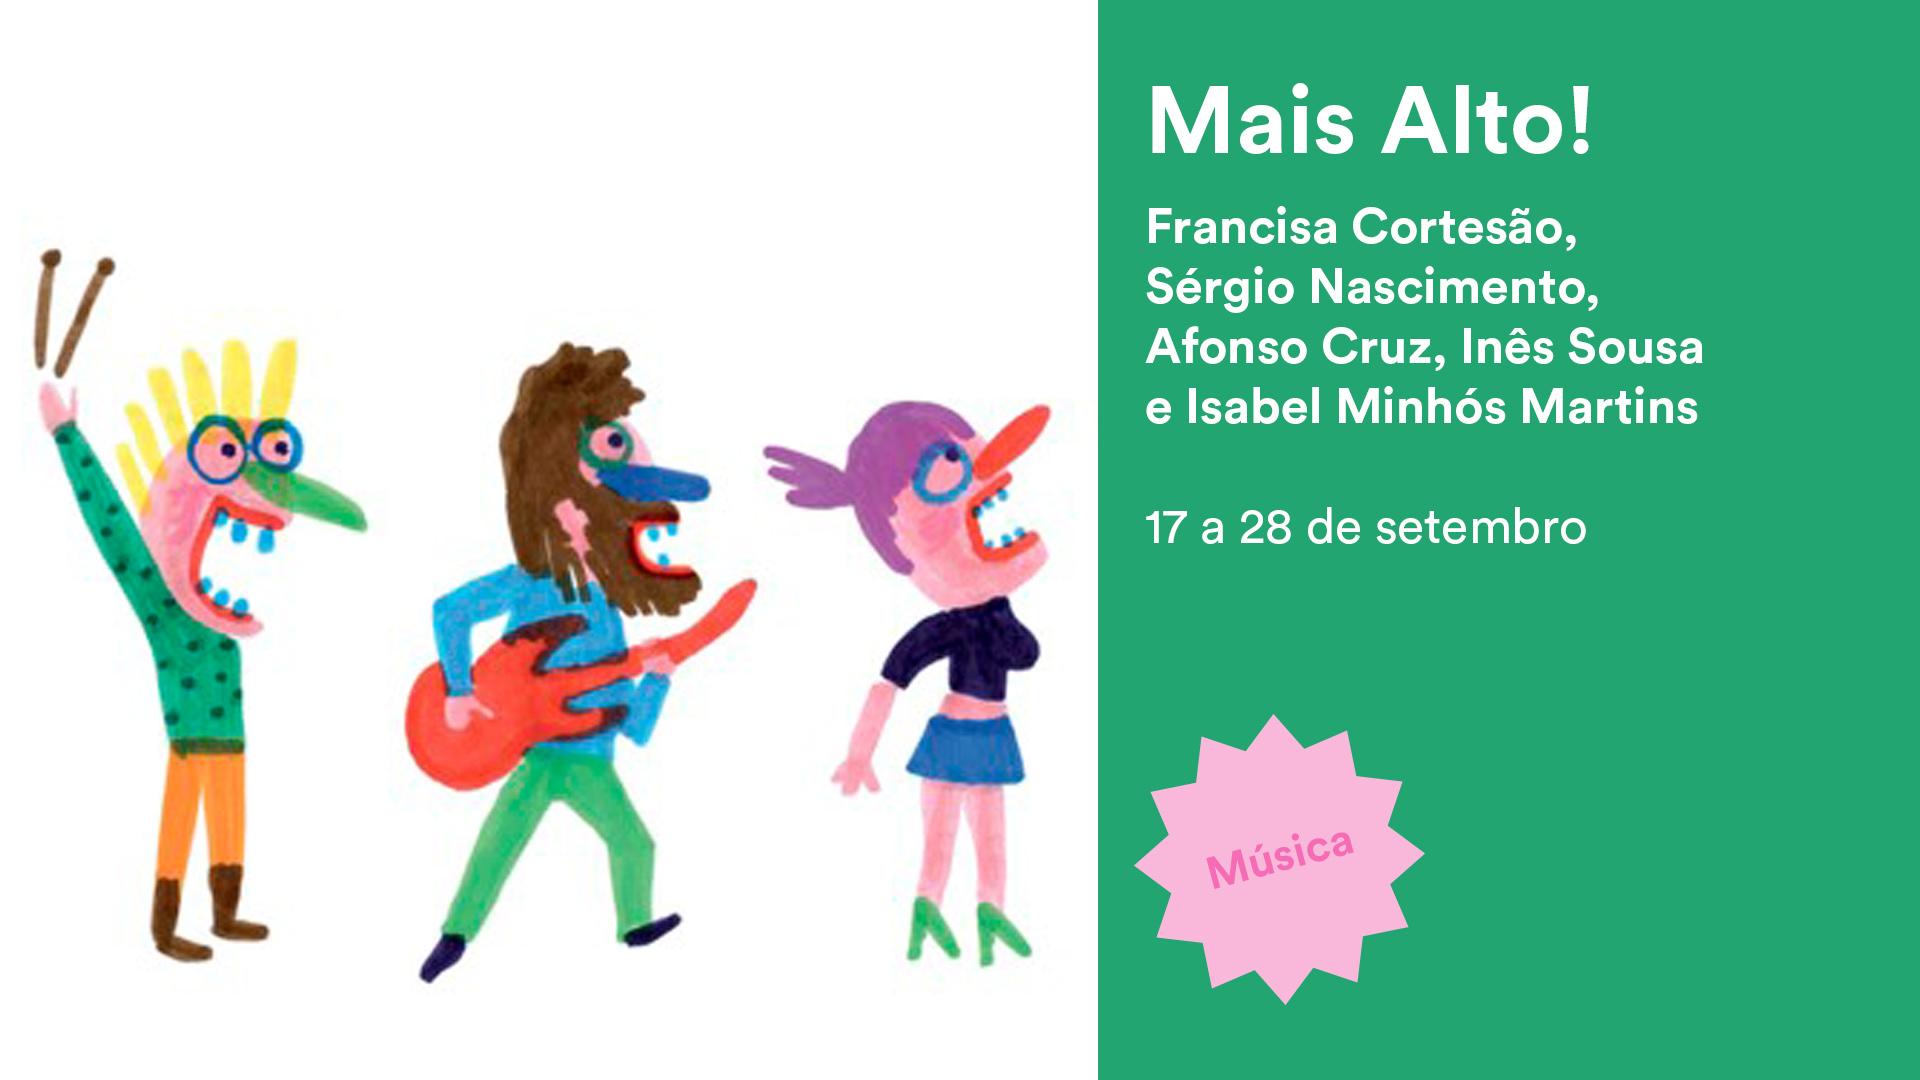 Concerto Mais Alto!, de Francisca Cortesão, Sérgio Nascimento e Isabel Minhós Martins